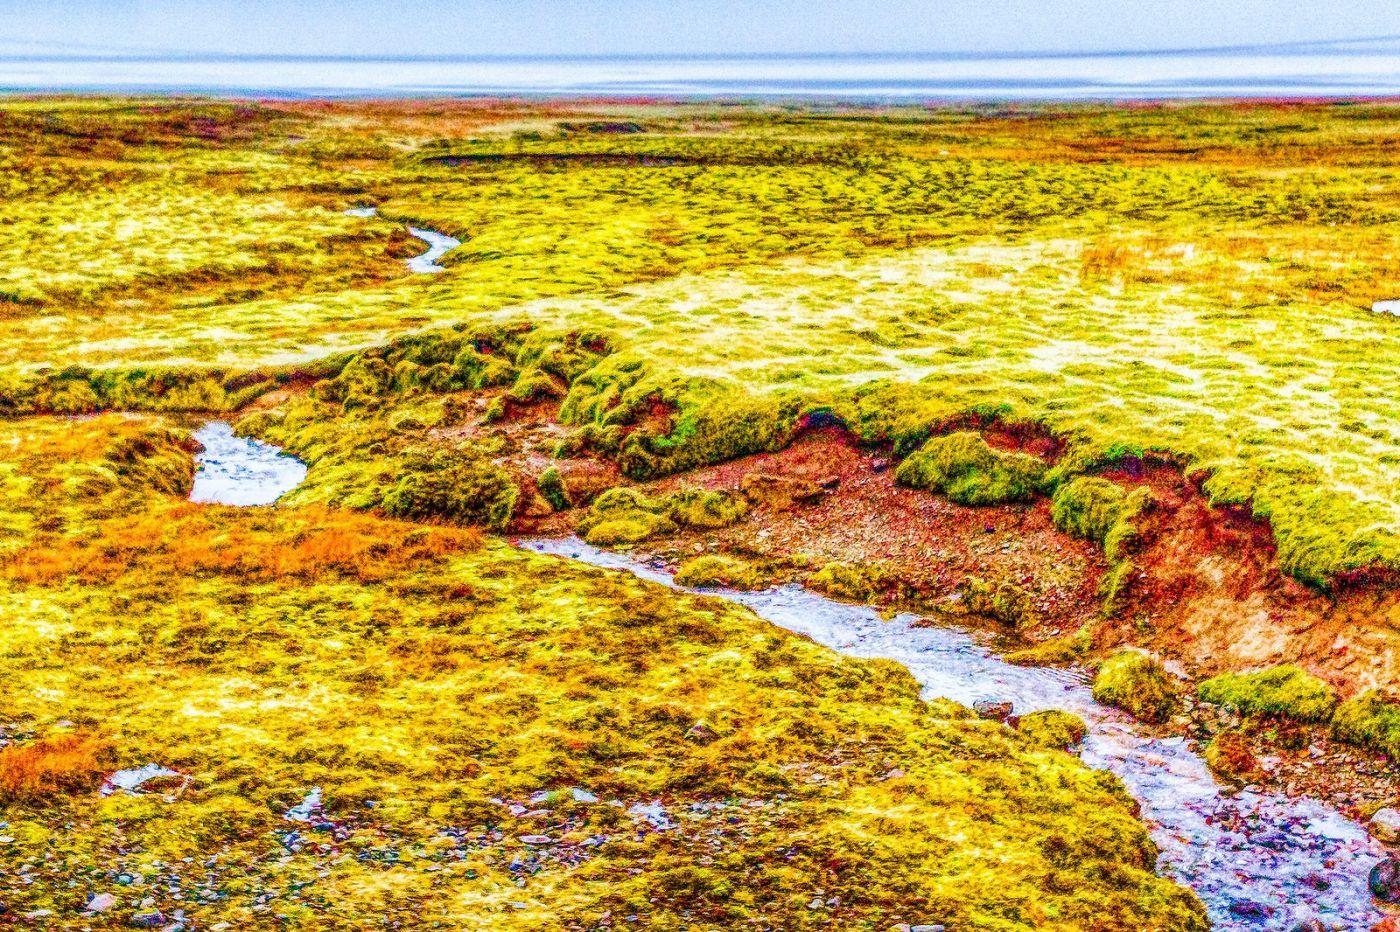 冰岛风采,延伸视野_图1-40